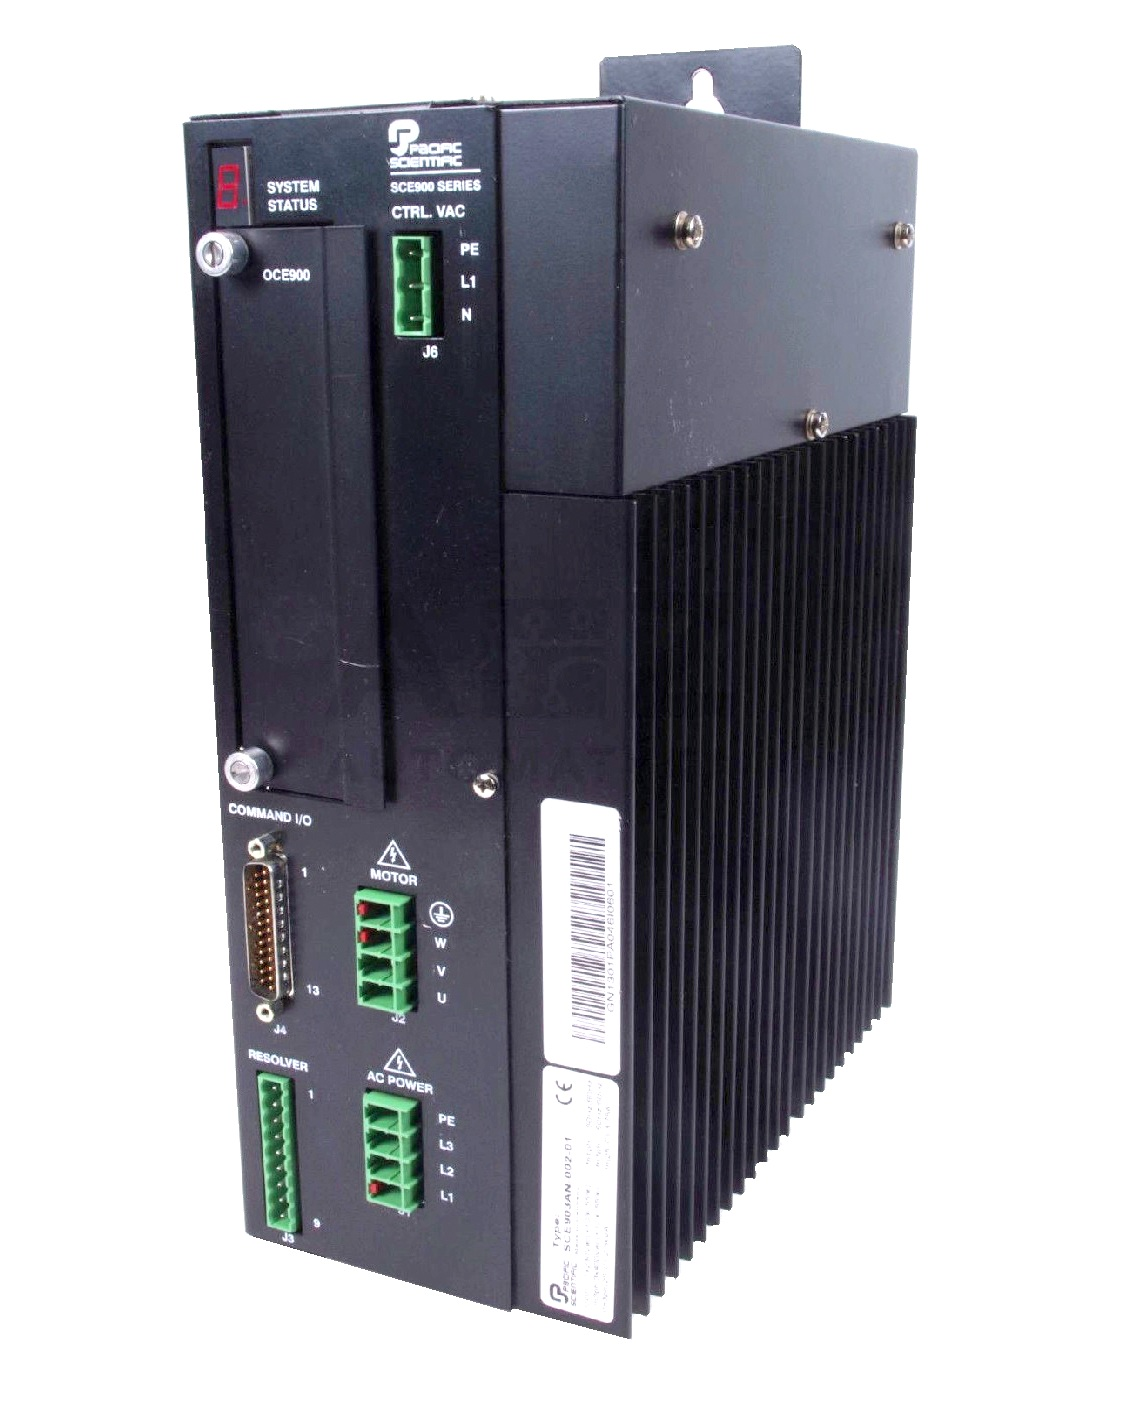 SCE905NN-001-01